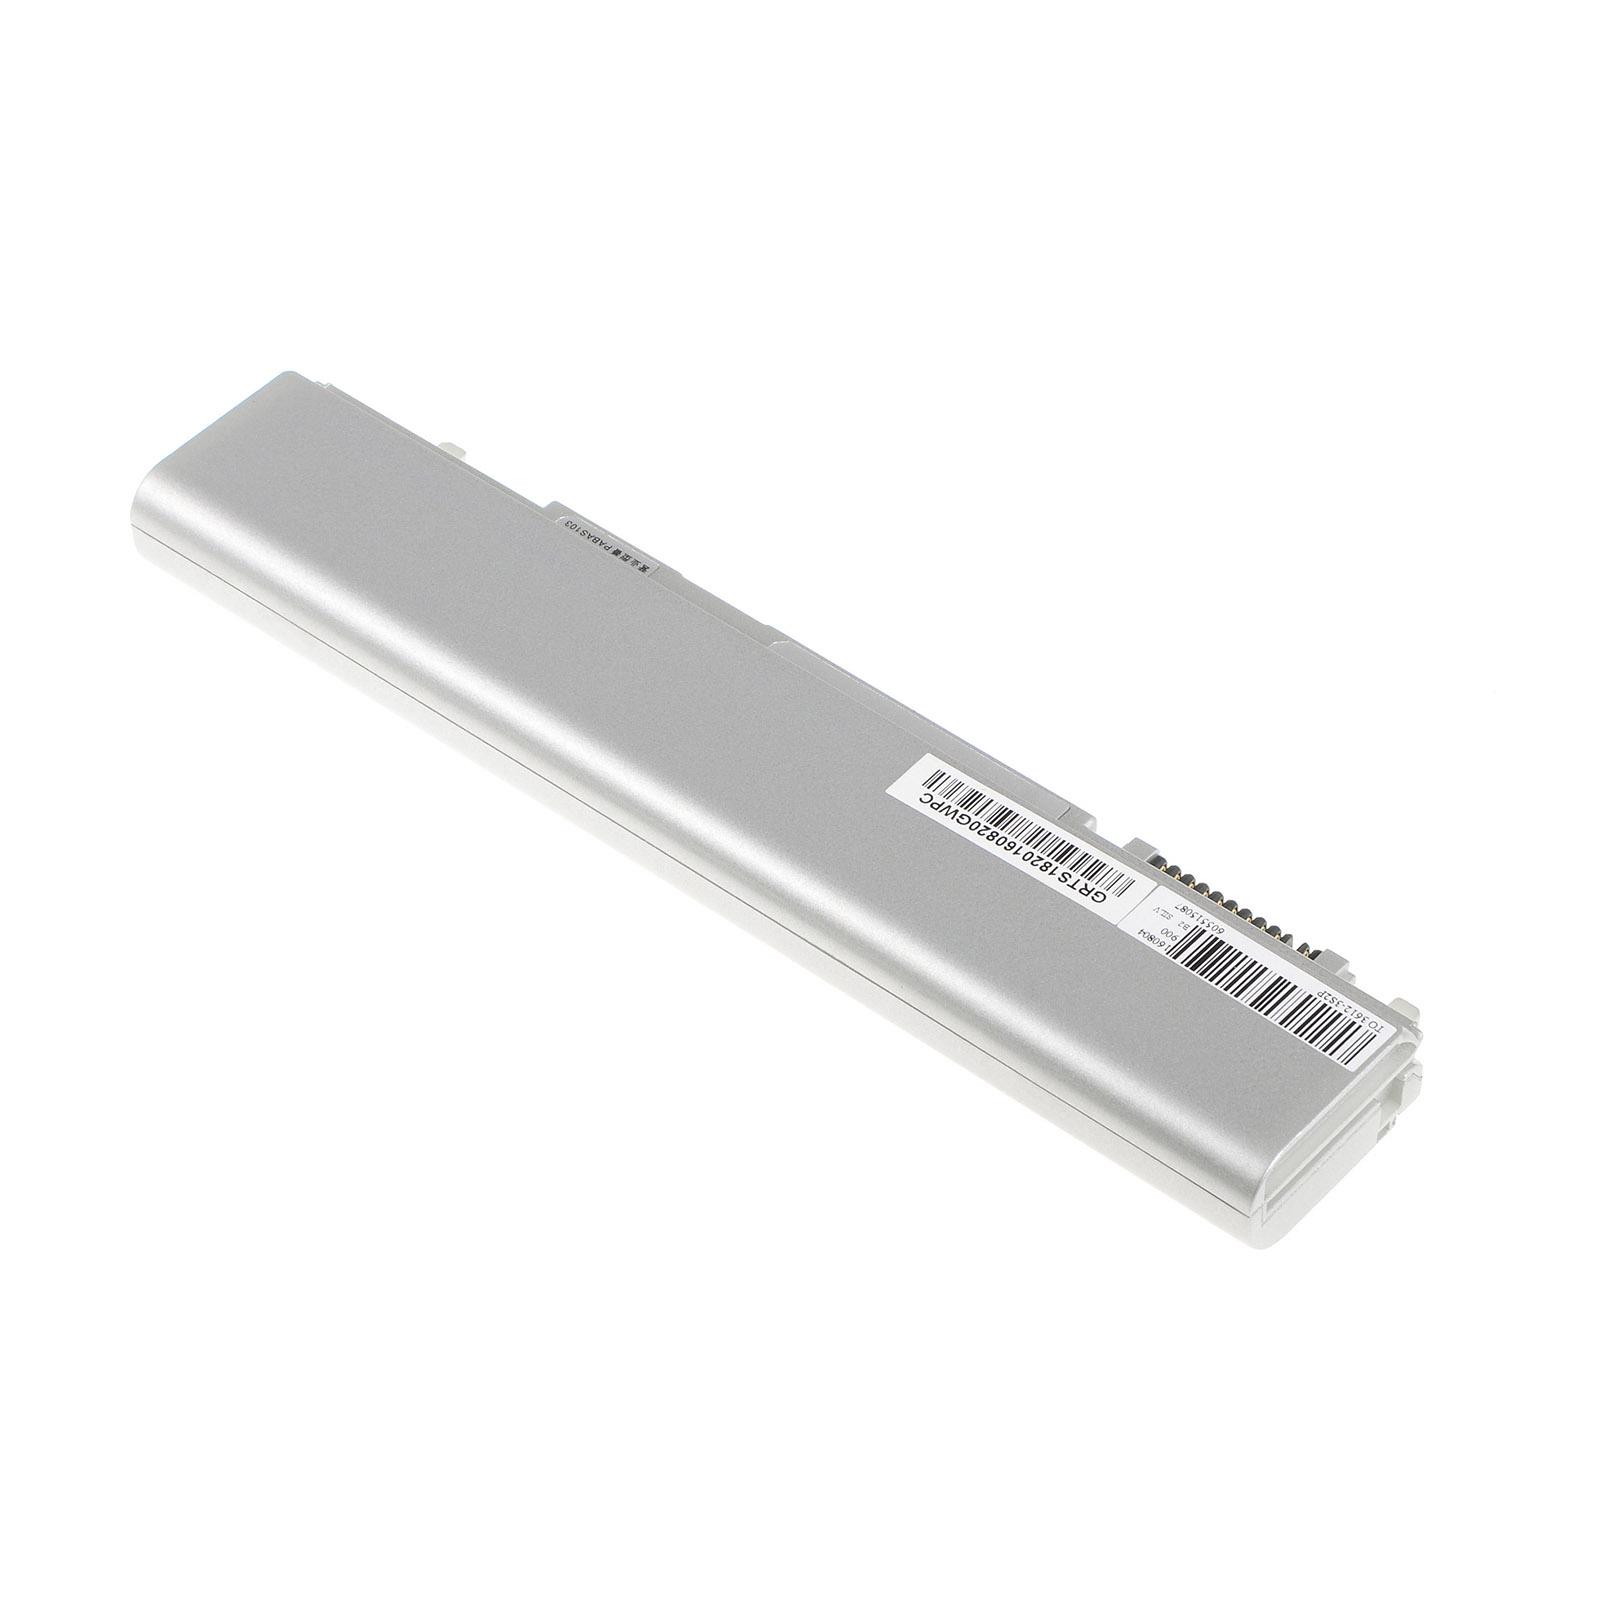 Bateria-para-Toshiba-Portege-R500-S5632-R500-S8199-R500-SP1-Ordenador-4400mAh